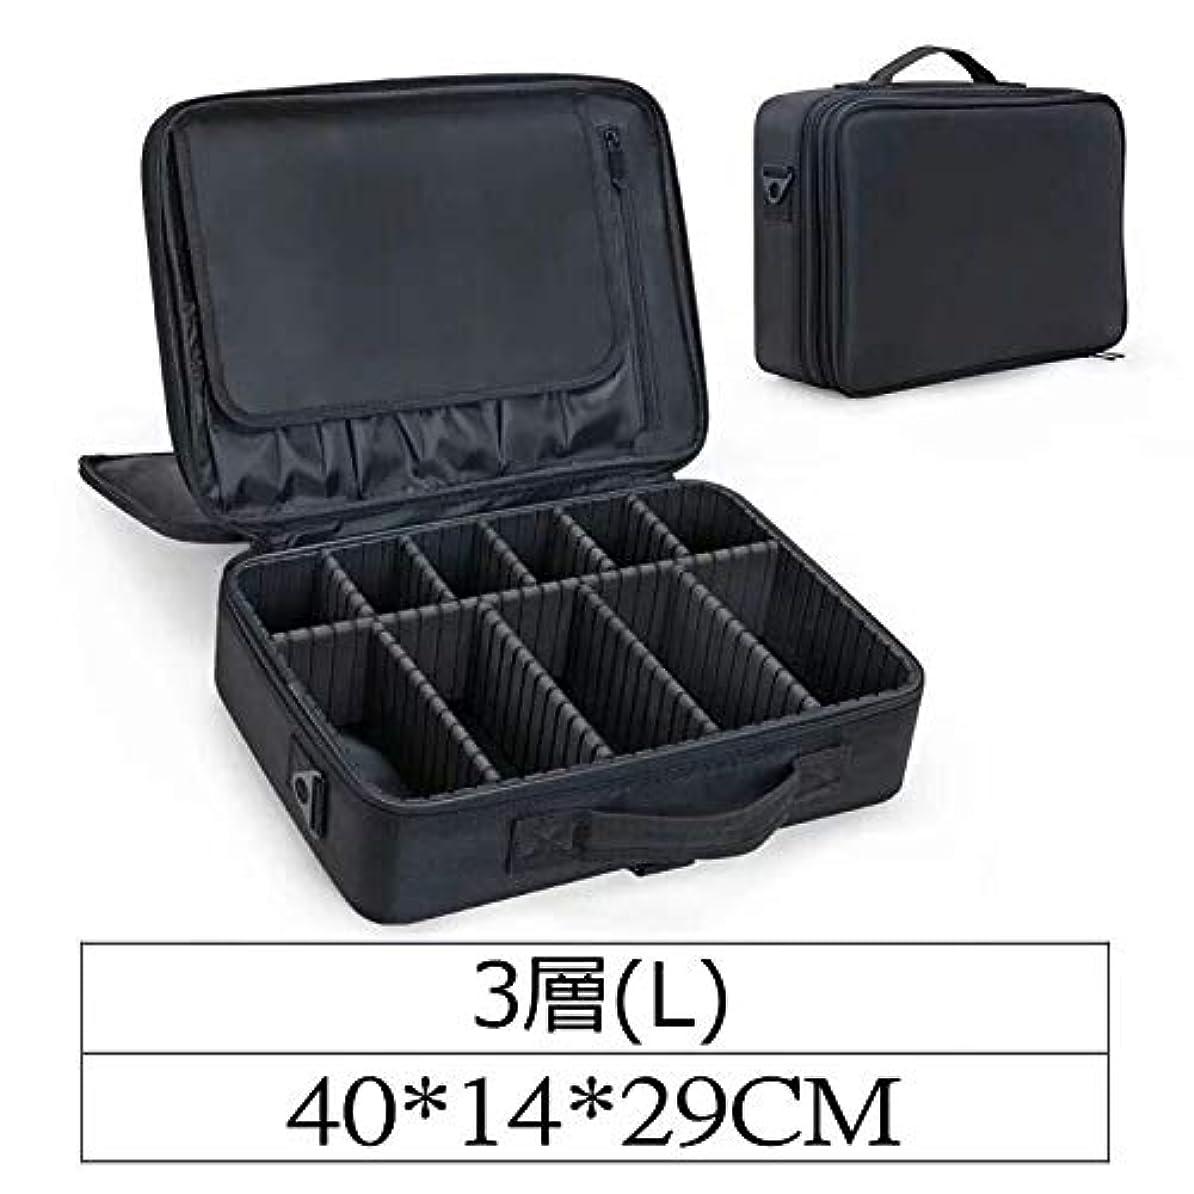 酸化物カウボーイ衝突するWE DO メイクボックス プロ用 多機能 化粧ポーチ 高品質3層化粧箱 收納抜群 大容量 スーツケース?トラベルバッグ ブラック(L-40×29×14cm)